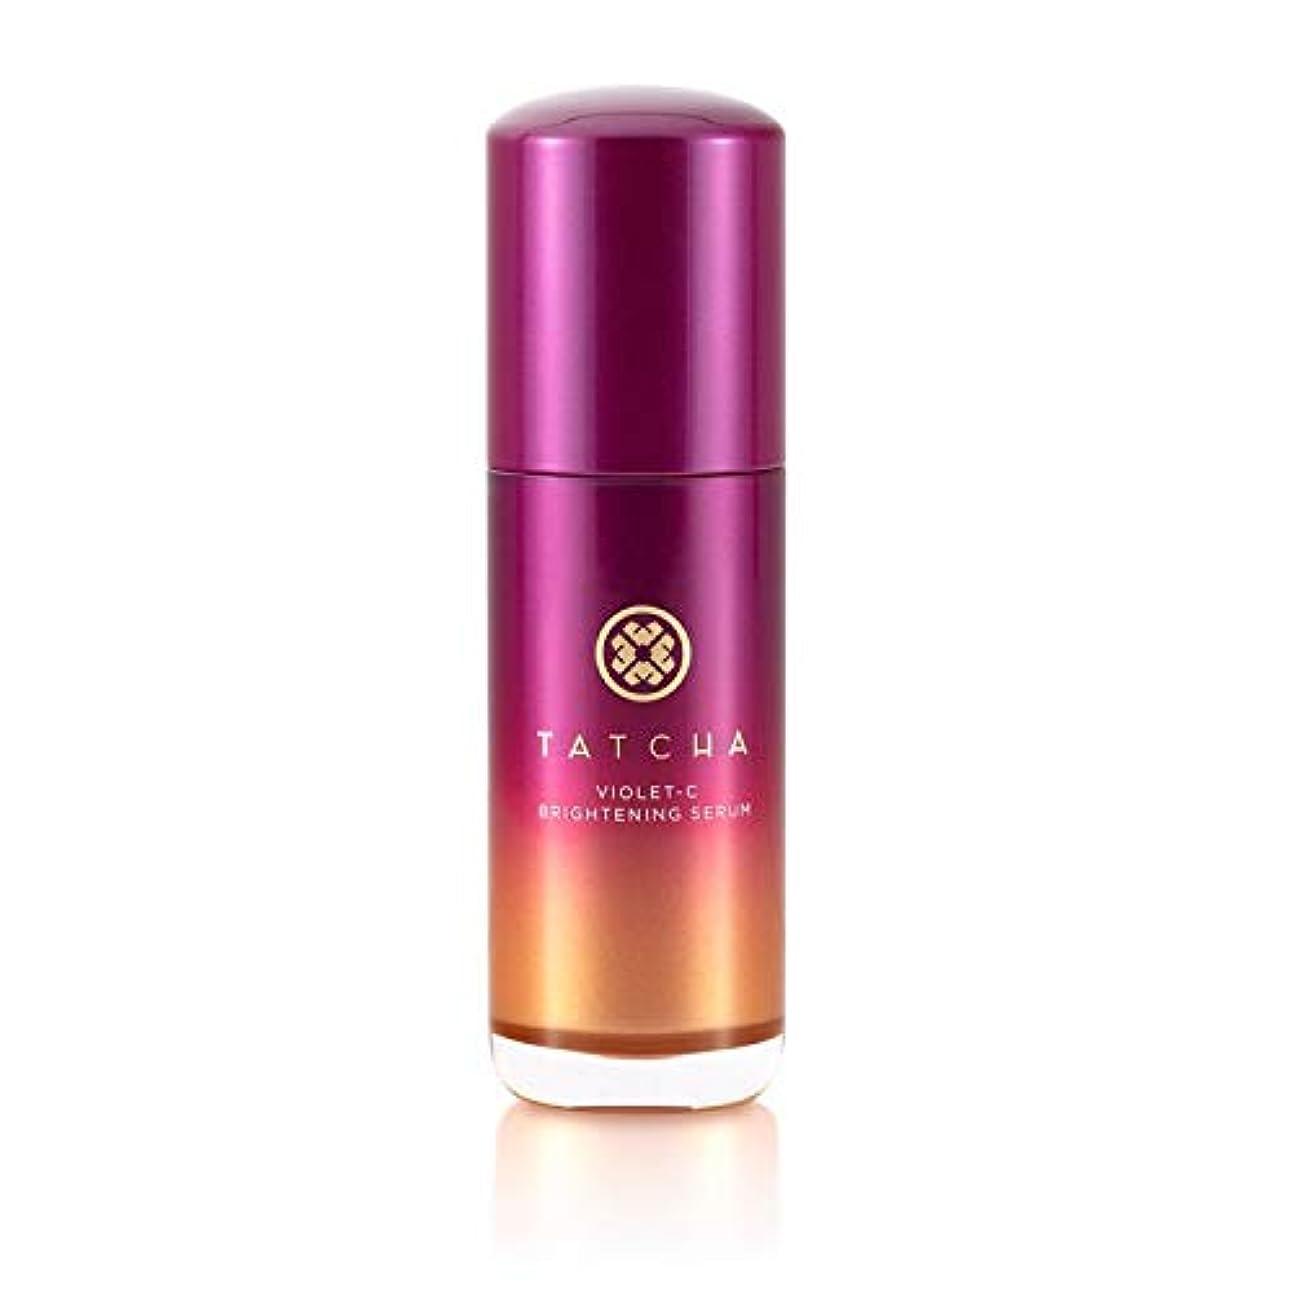 推論夜の動物園いじめっ子TATCHA Violet-C Brightening Serum (20% Vitamin C + 10% AHA) タチャ バイオレットC ブライトニング セラム 美容液 30ml